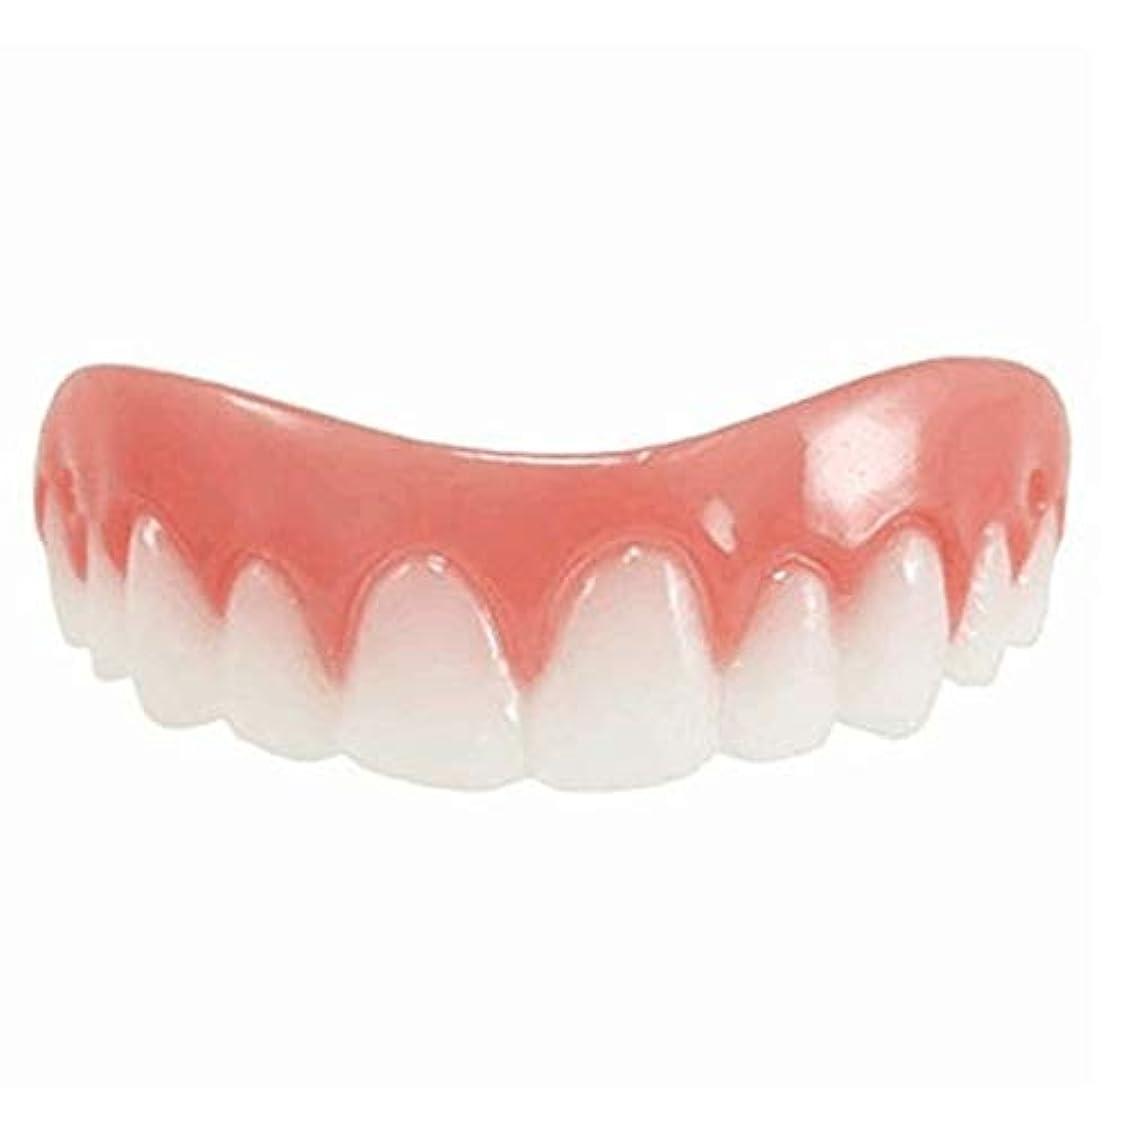 爆発物西だらしないシリコーンシミュレーション義歯、歯科用ベニヤホワイトトゥースセット(2個),A